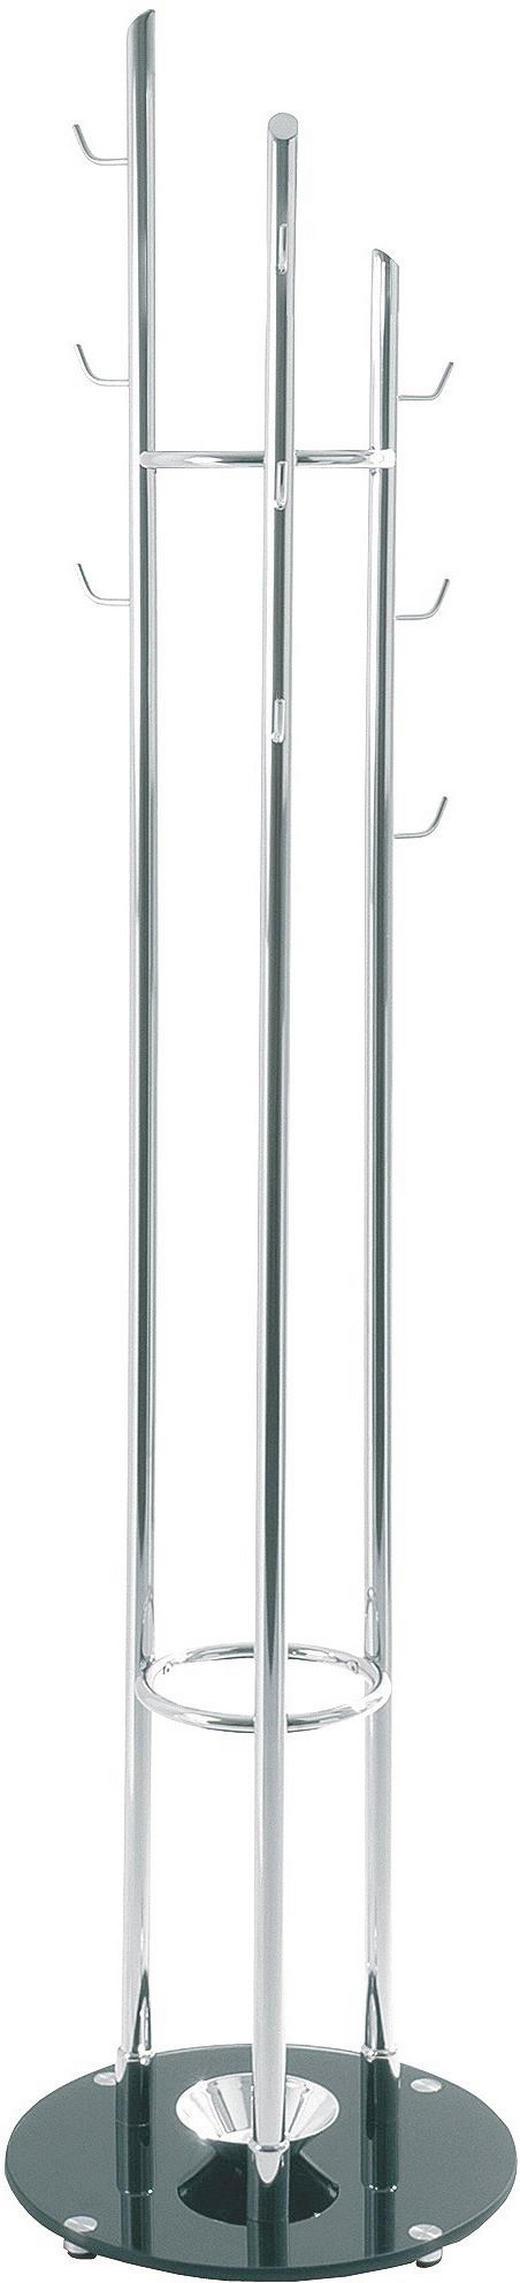 KLEIDERSTÄNDER Chromfarben, Schwarz - Chromfarben/Schwarz, Design, Glas/Metall (40/183cm)